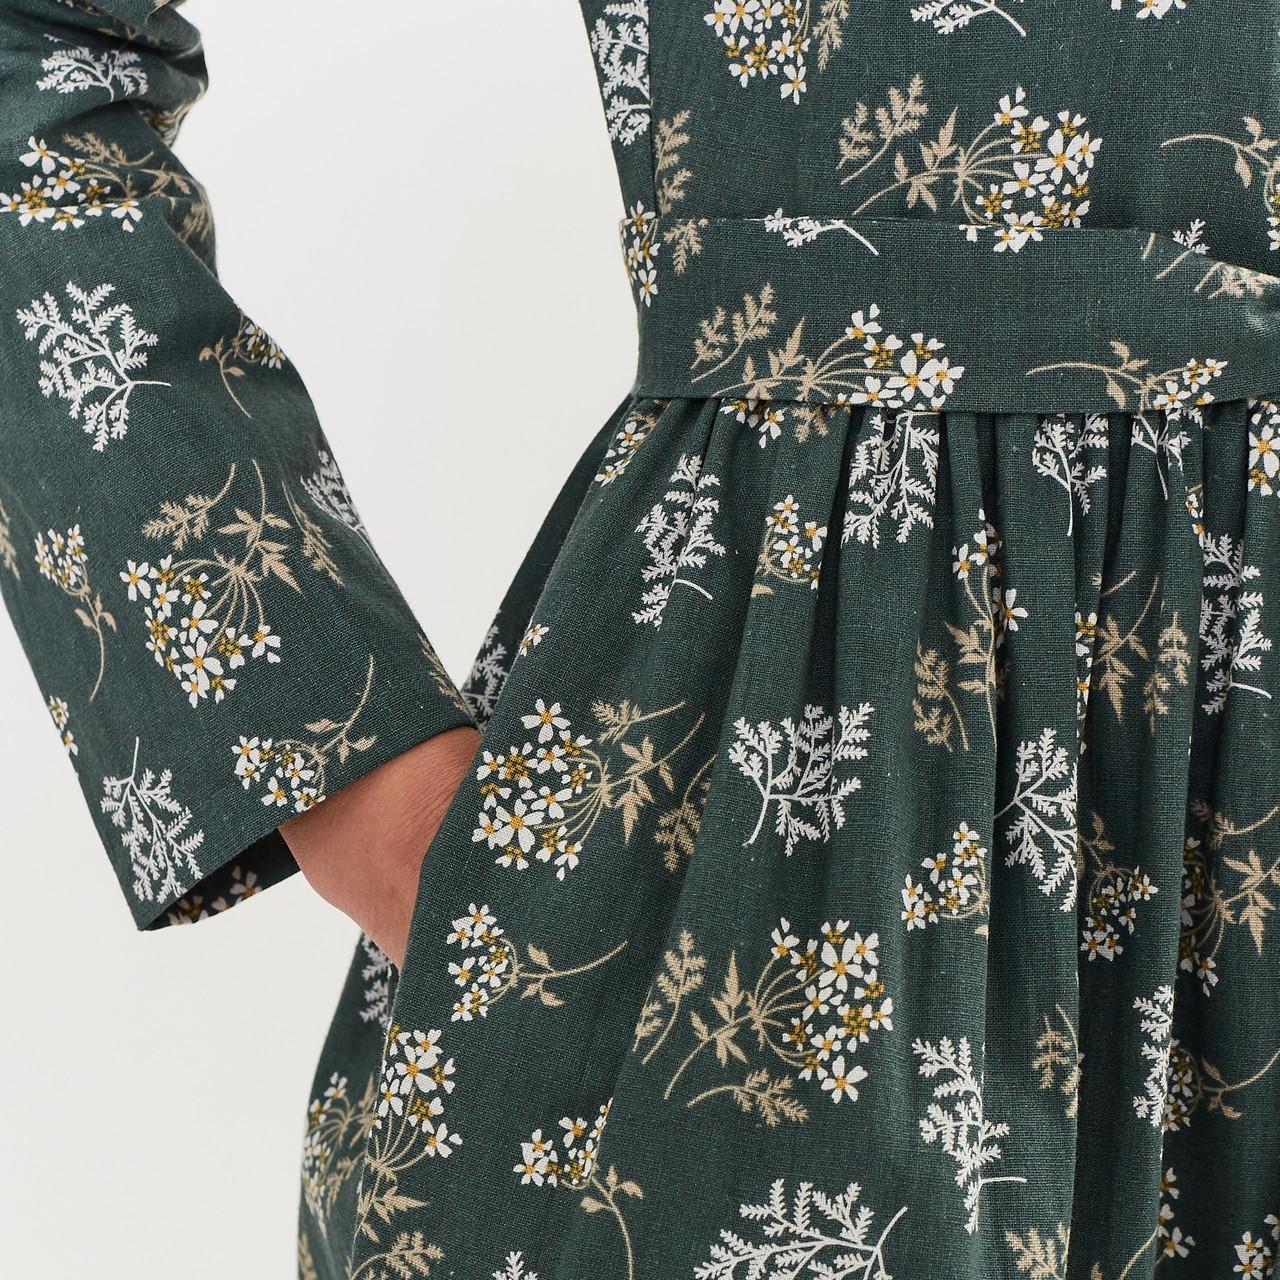 Льняное платье-халат зеленого цвета с растительным принтом. - фото 7